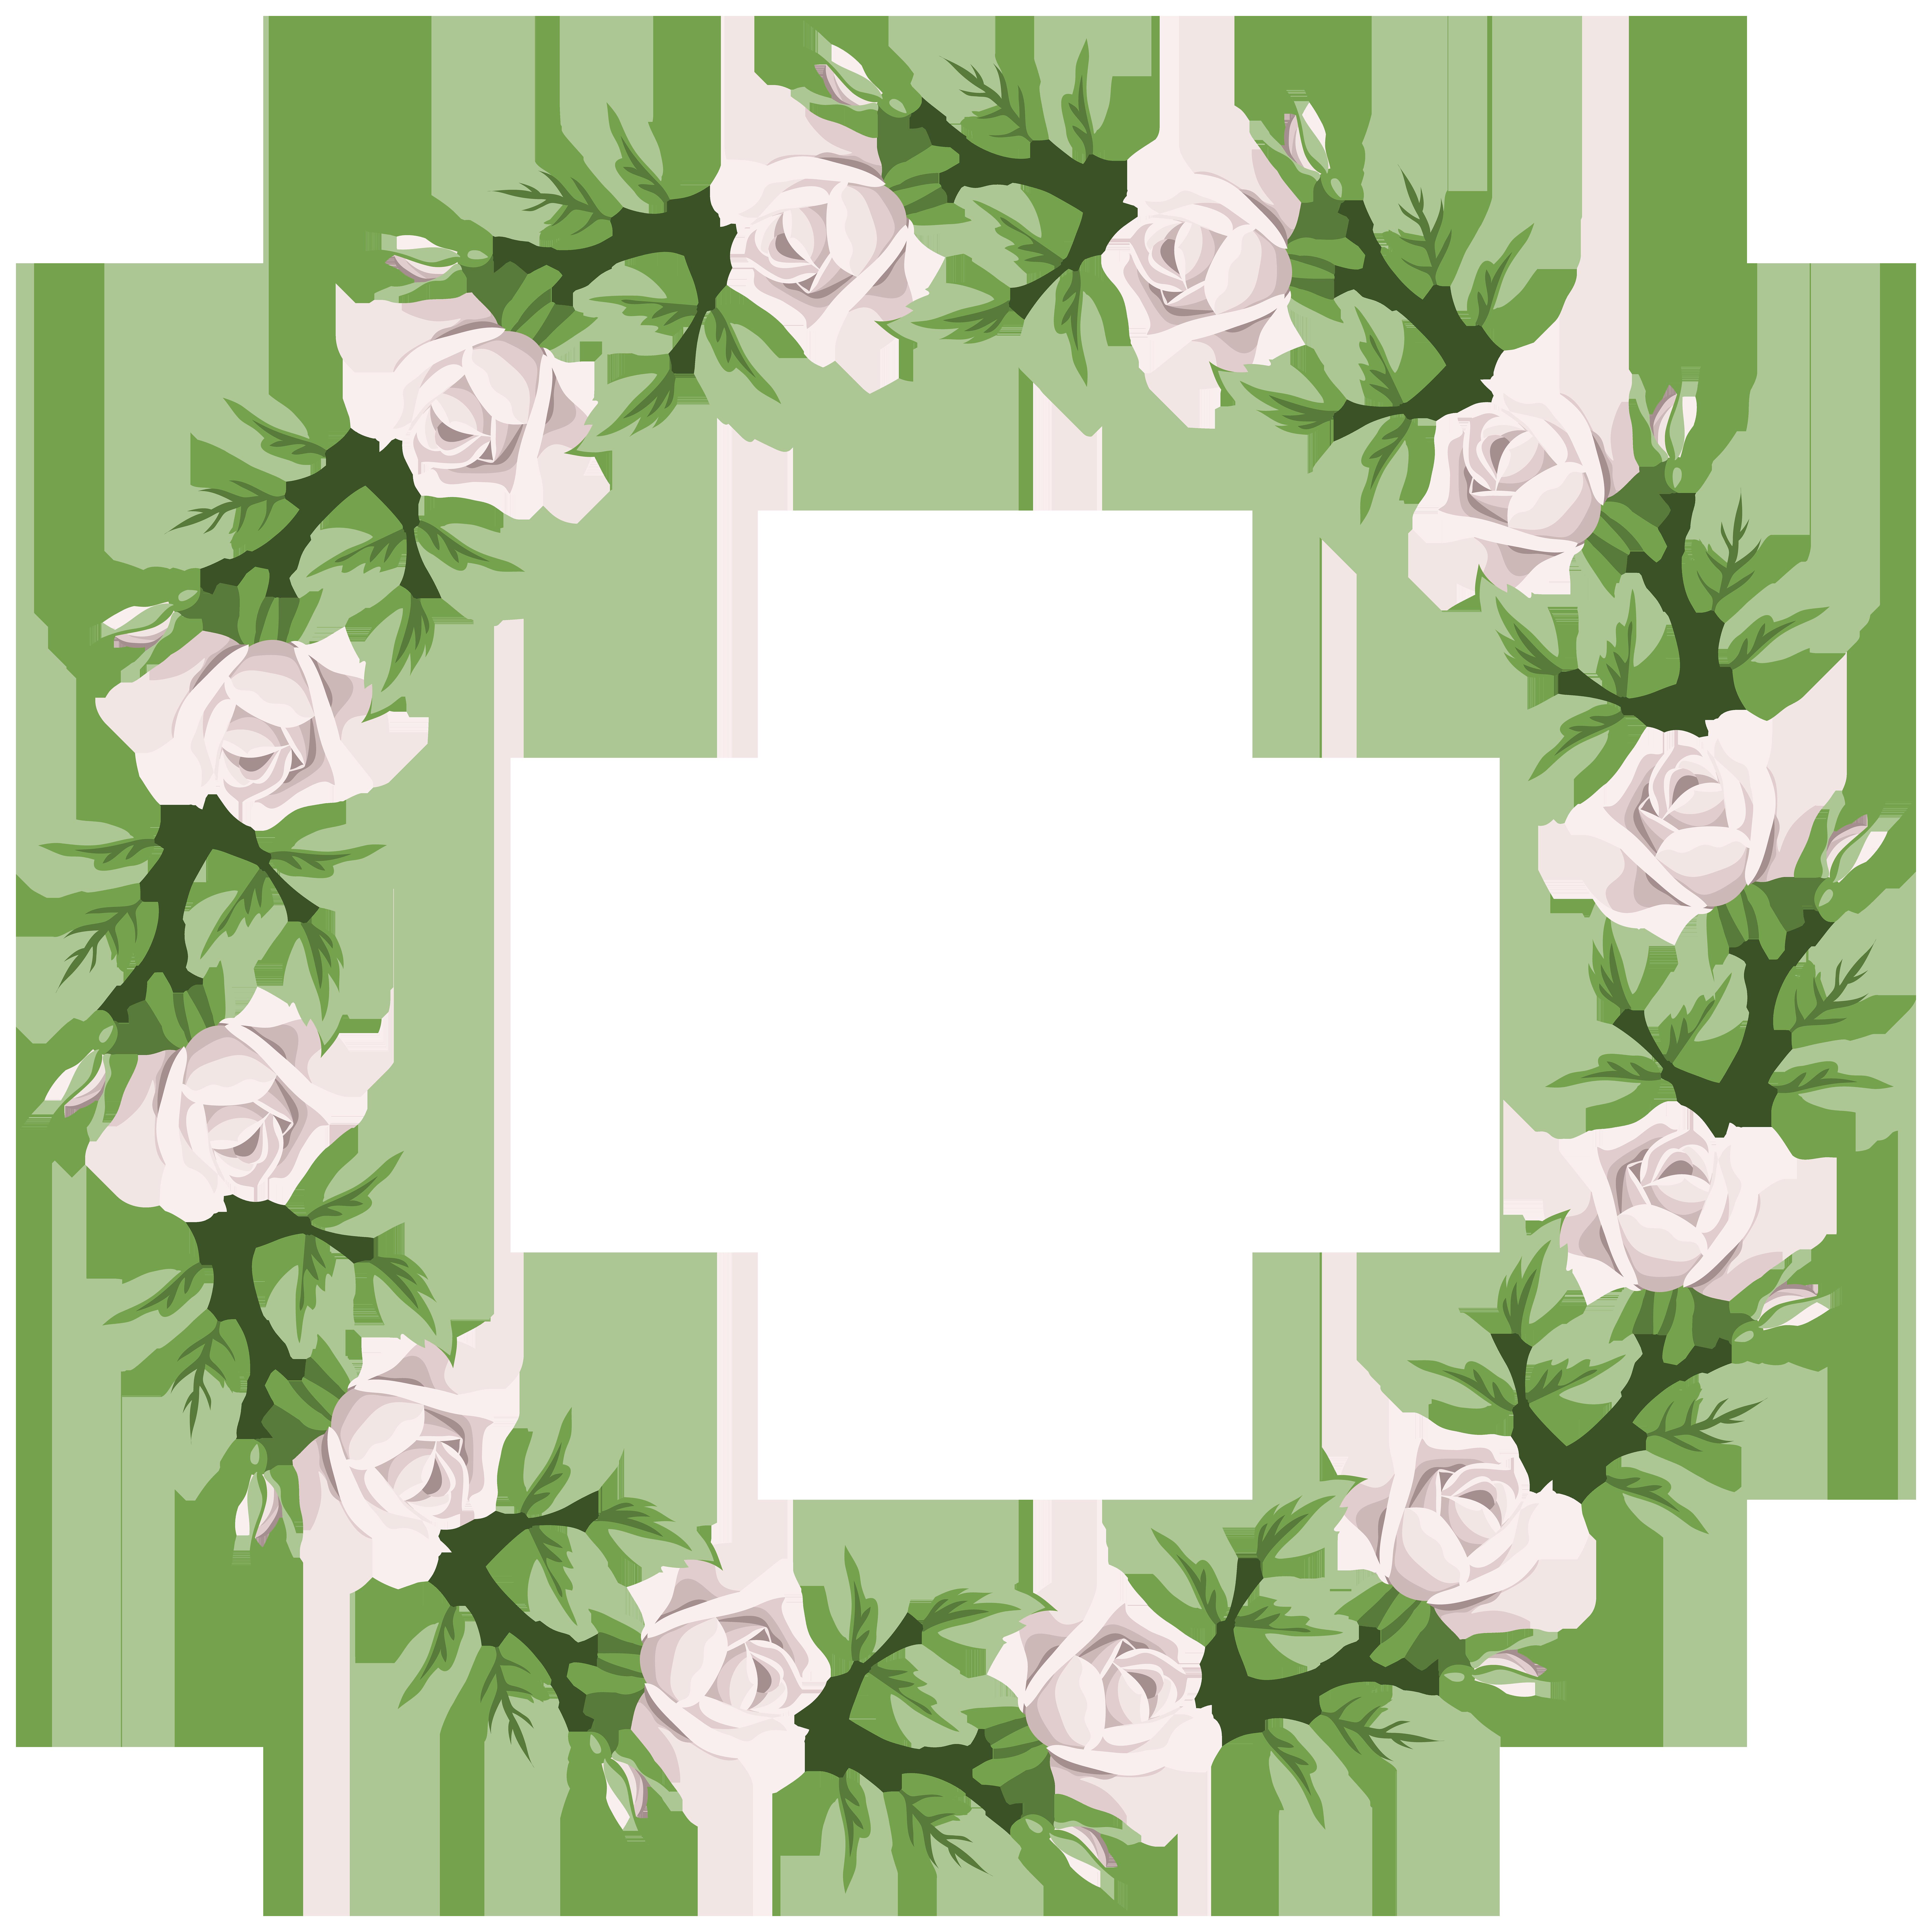 Ivy border png. White rose frame transparent